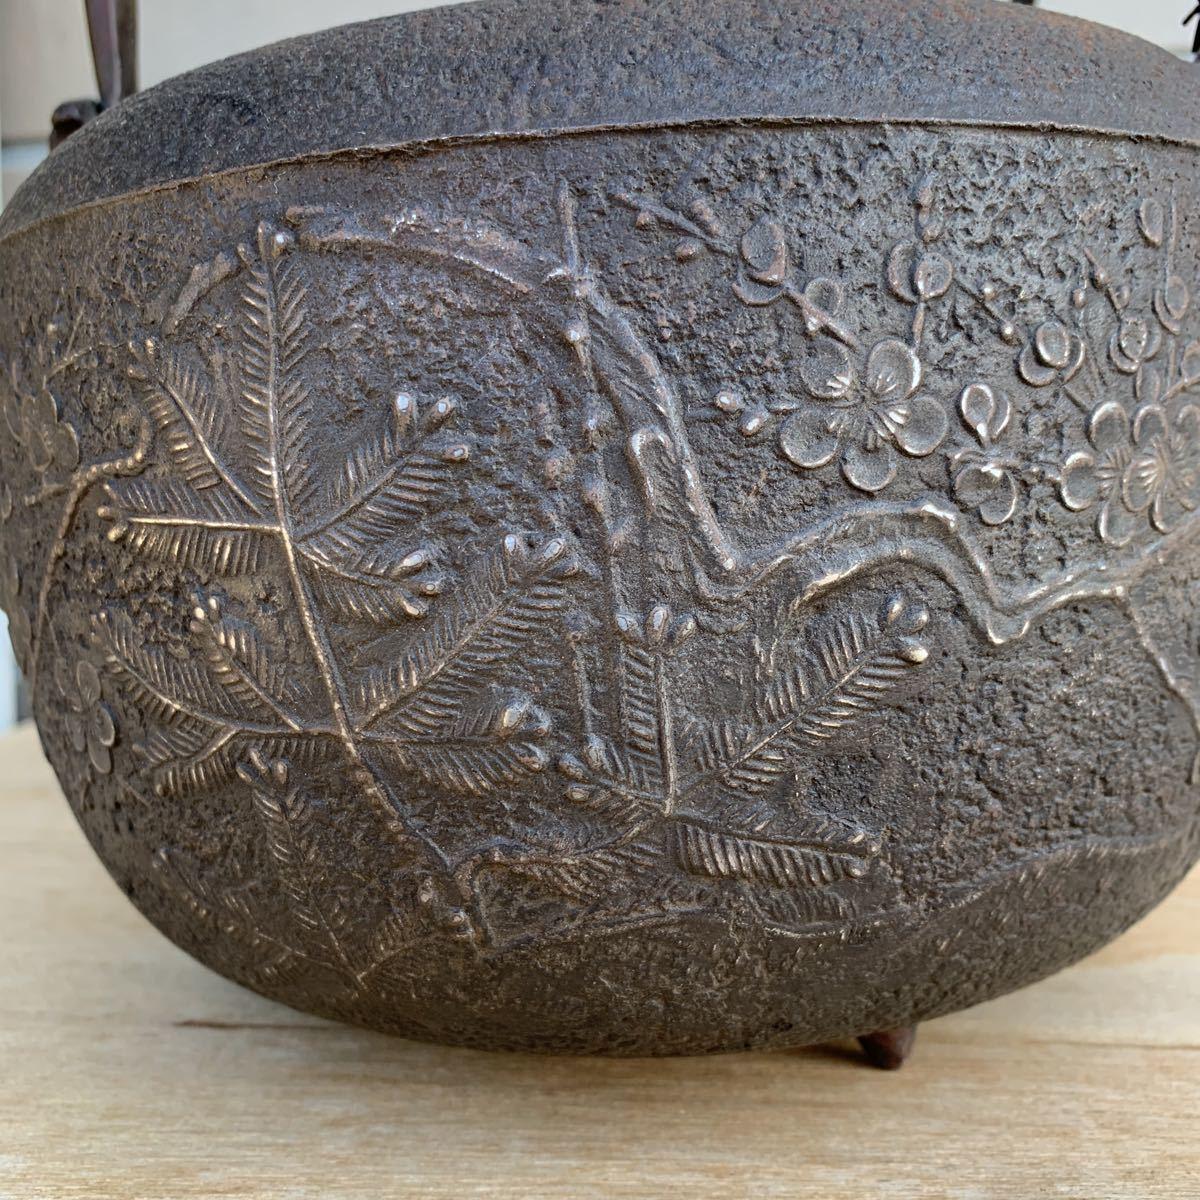 鉄瓶 松図 竹図 梅図 横約27cm 高さ約28cm 蓋唐金(大きさ13.2cm)煎茶道具_画像5